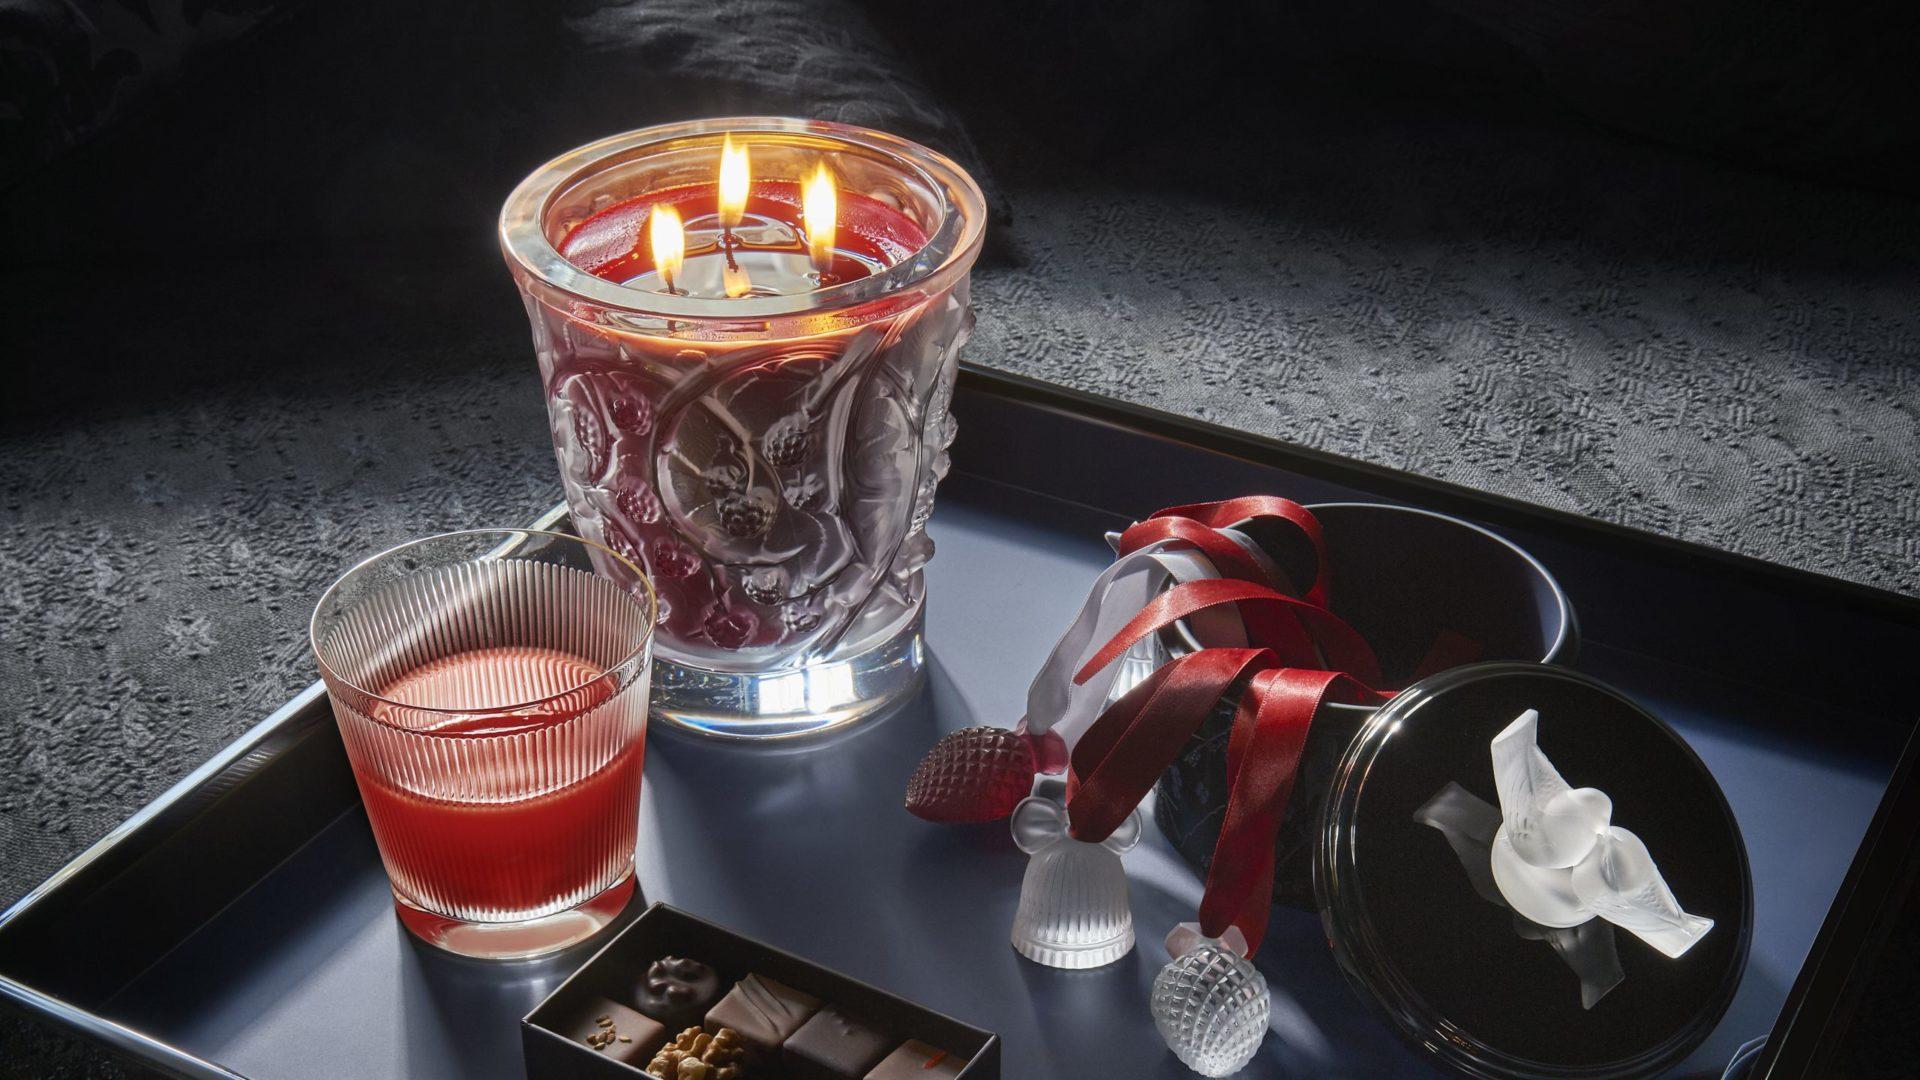 Festive candles - Lalique